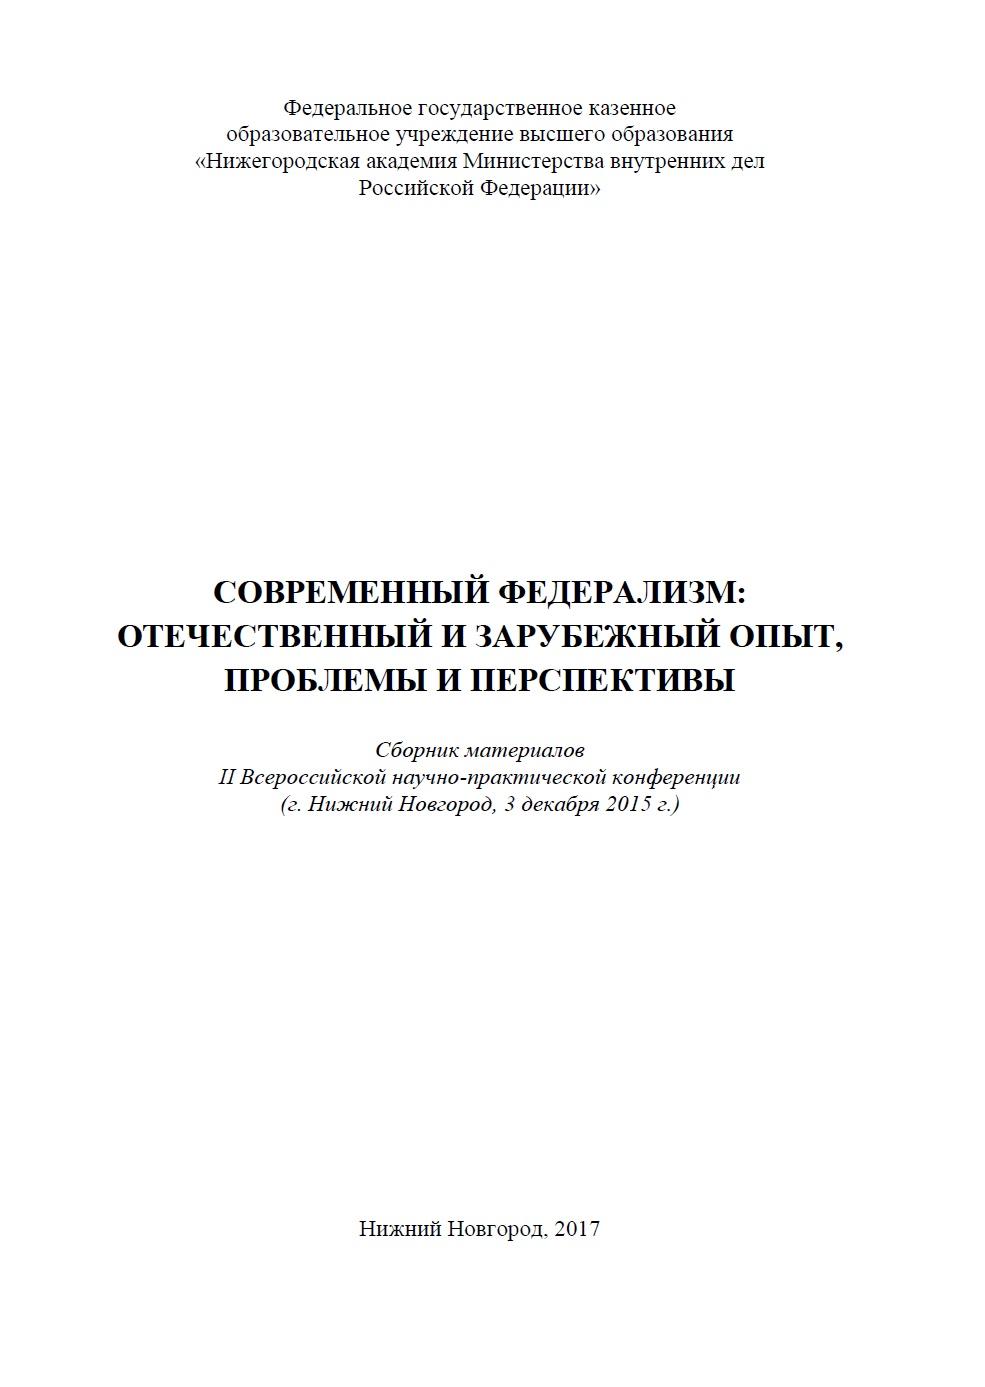 Организационно-правовое обеспечение трудовой иммиграции в России: роль федерации и ее субъектов